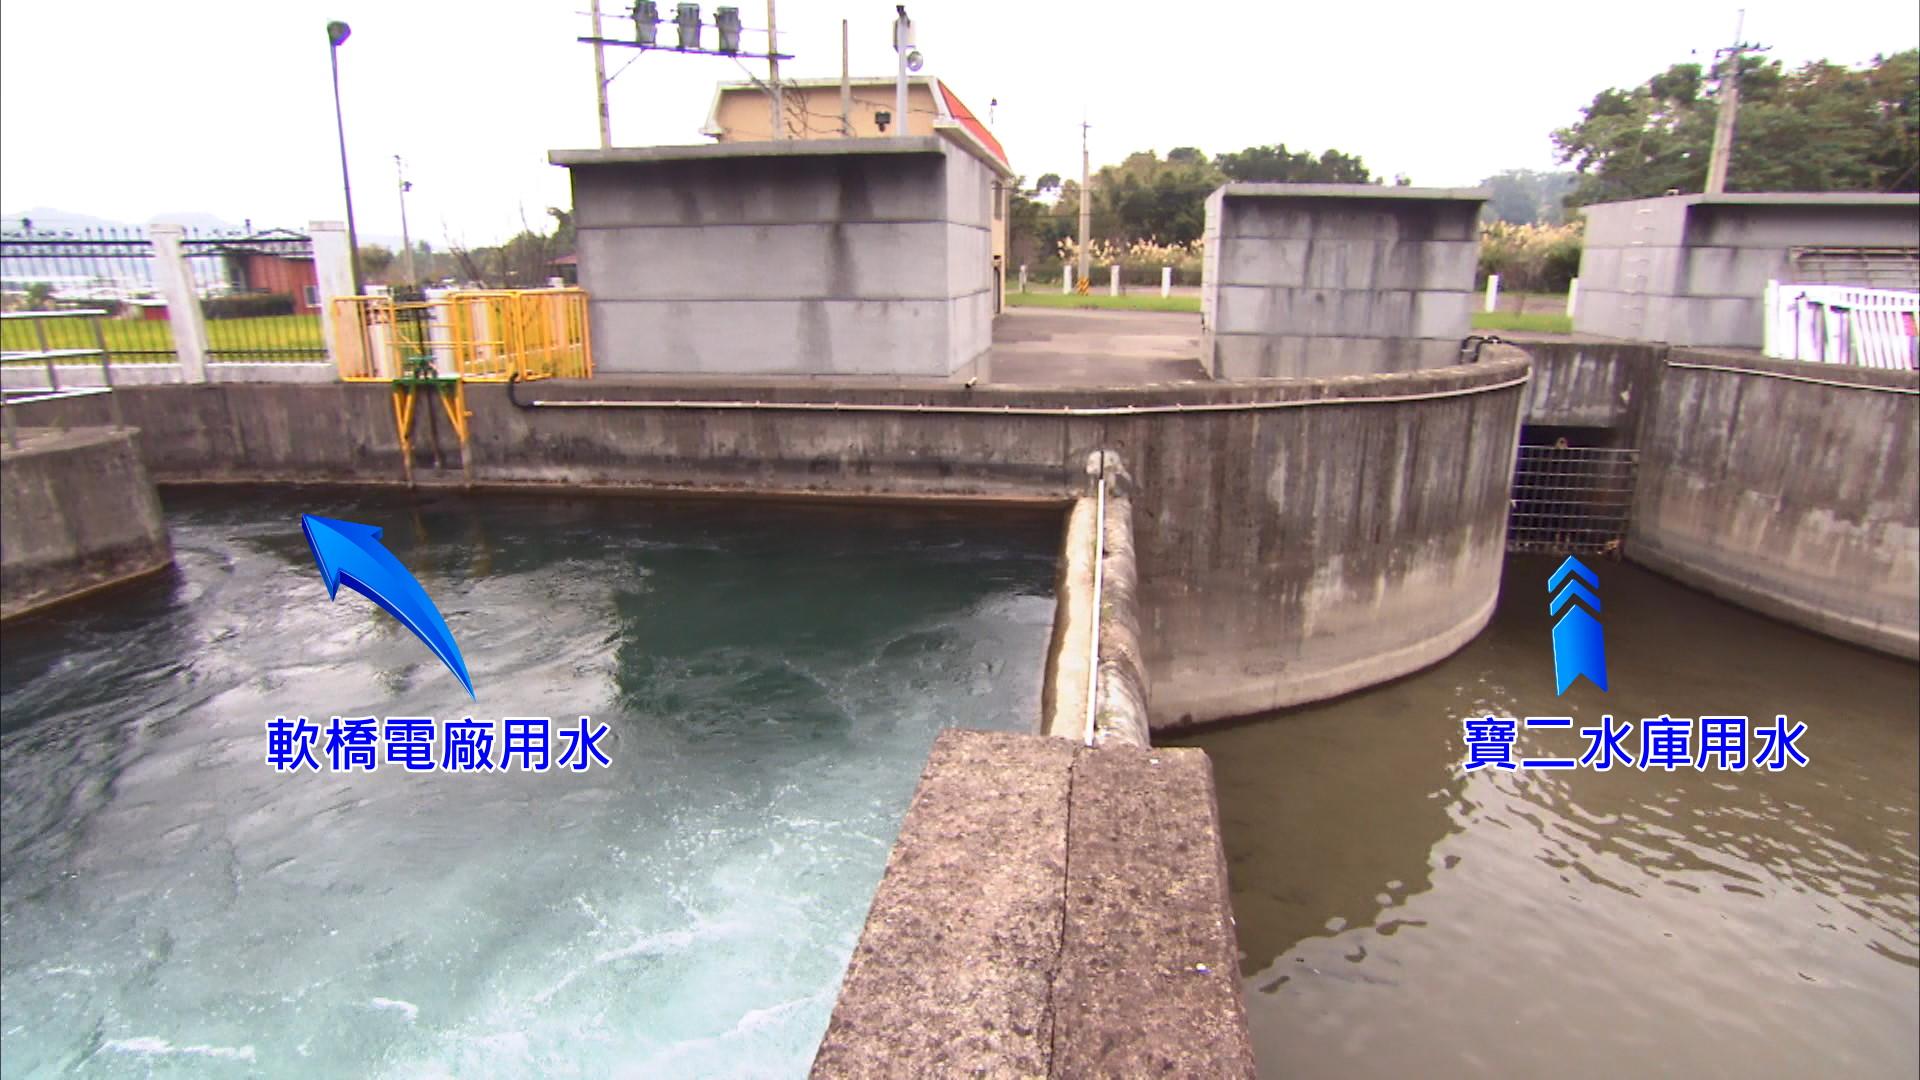 軟橋電廠尾水分水工:竹東圳水一部份水給軟橋發電廠,一部份給寶二水庫及新竹科學園區用。